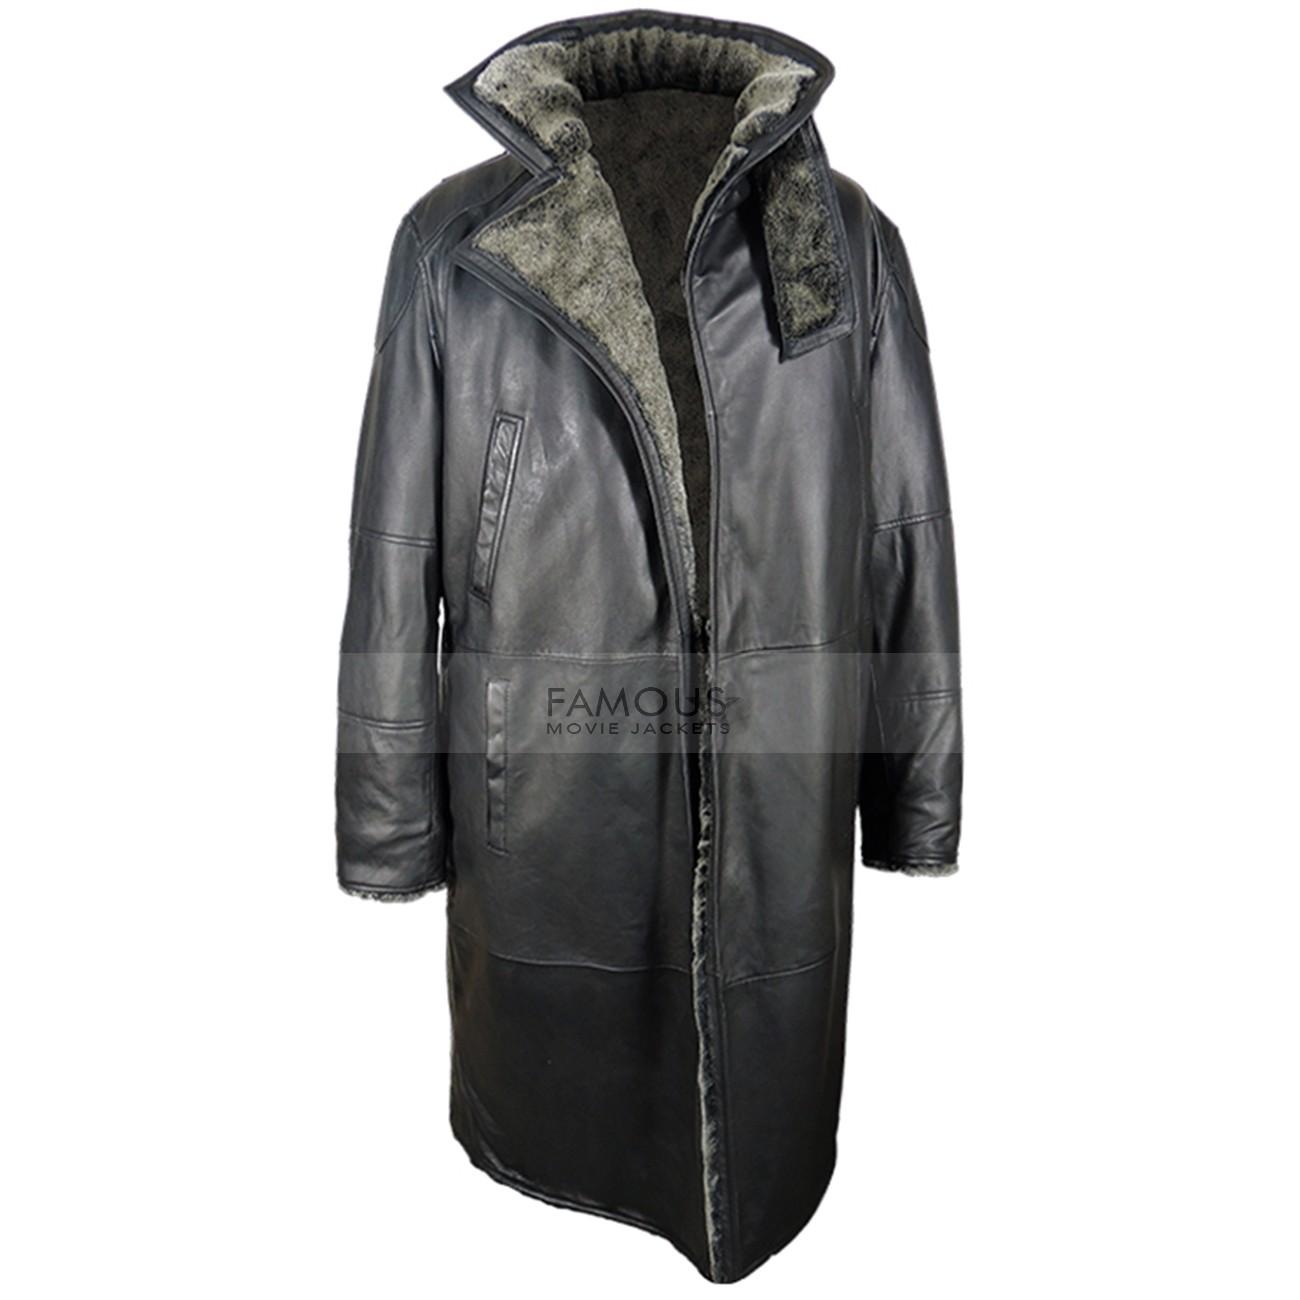 Blade Runner 2049 Ryan Gosling Officer Leather Coat